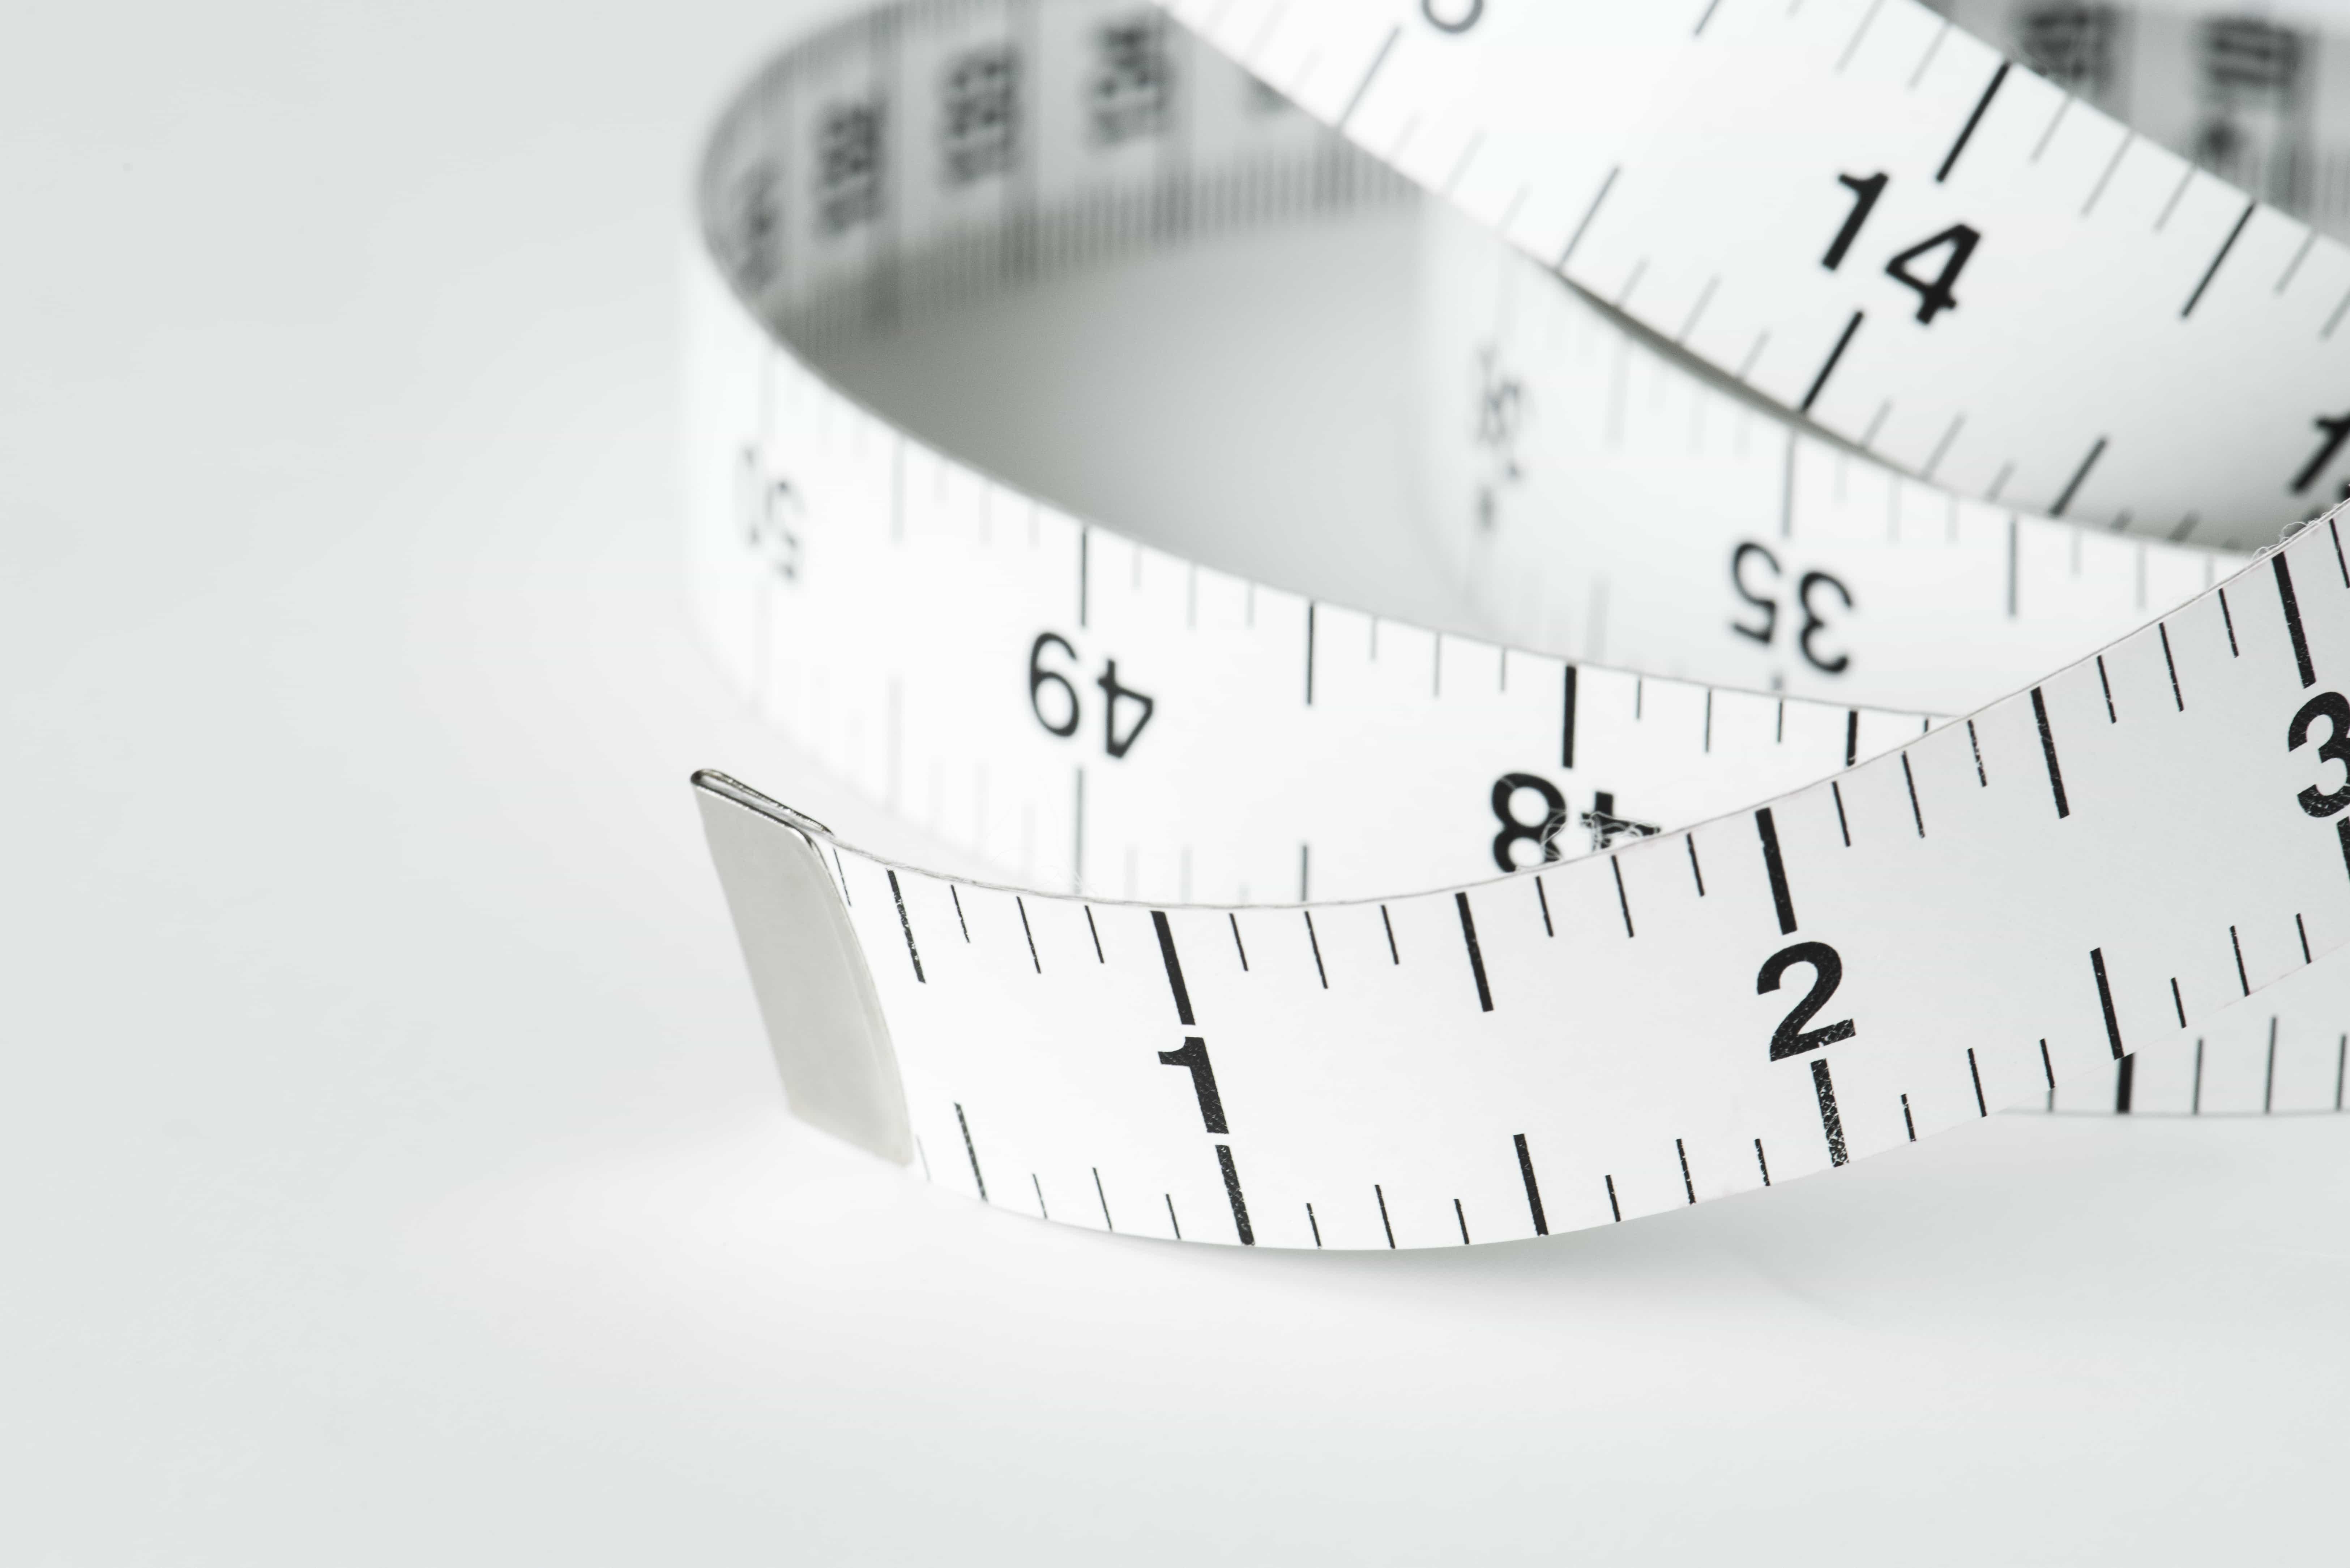 relația dintre dimensiunea penisului dimensiunea medie a penisului după înălțime